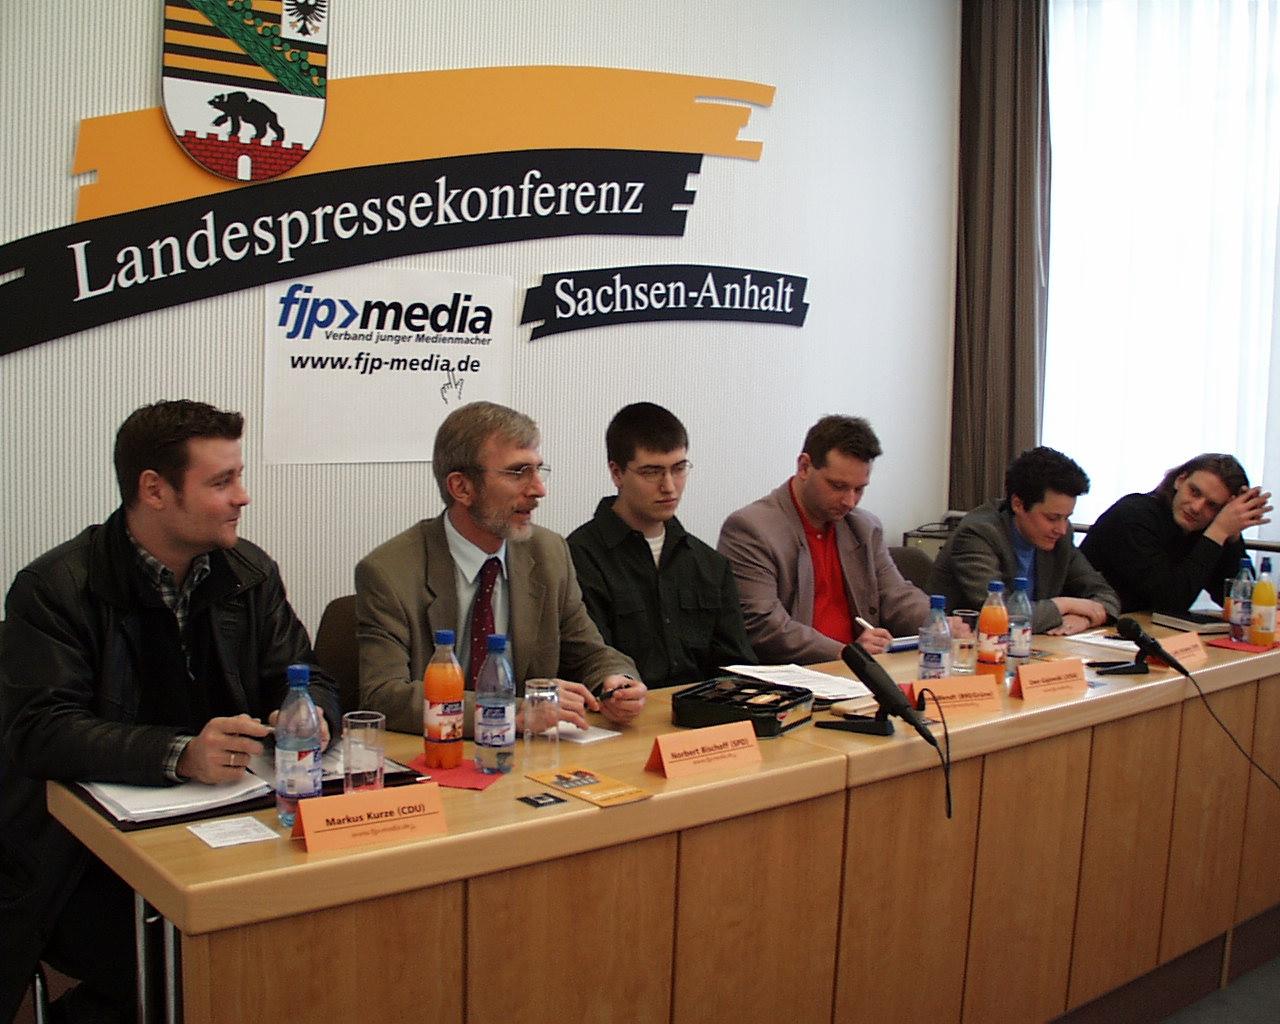 Wahlforum für Jugendredakteure zur Landtagswahl 2002 mit Markus Kurze (CDU), Norbert Bischoff (SPD), René Wendt (B90/Grüne), Uwe Gajowski (DJV), Lydia Hüskens (FDP) und Stefan Gebhardt (PDS).